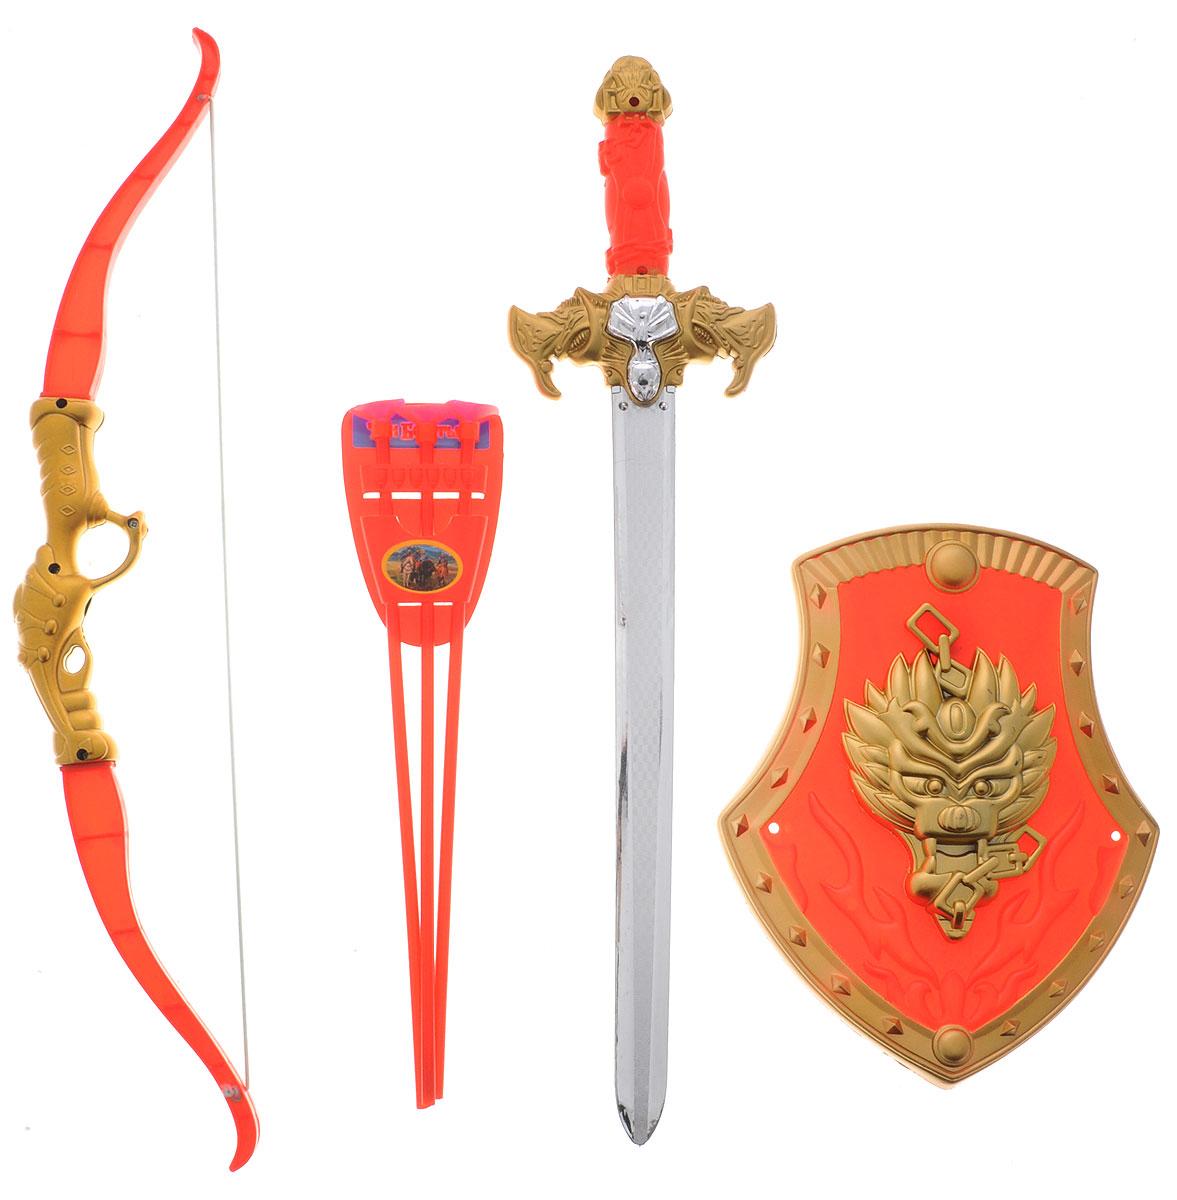 Играем вместе Набор оружия Три богатыря красный золотистый 7 предметов три богатыря щит цвет зеленый желтый